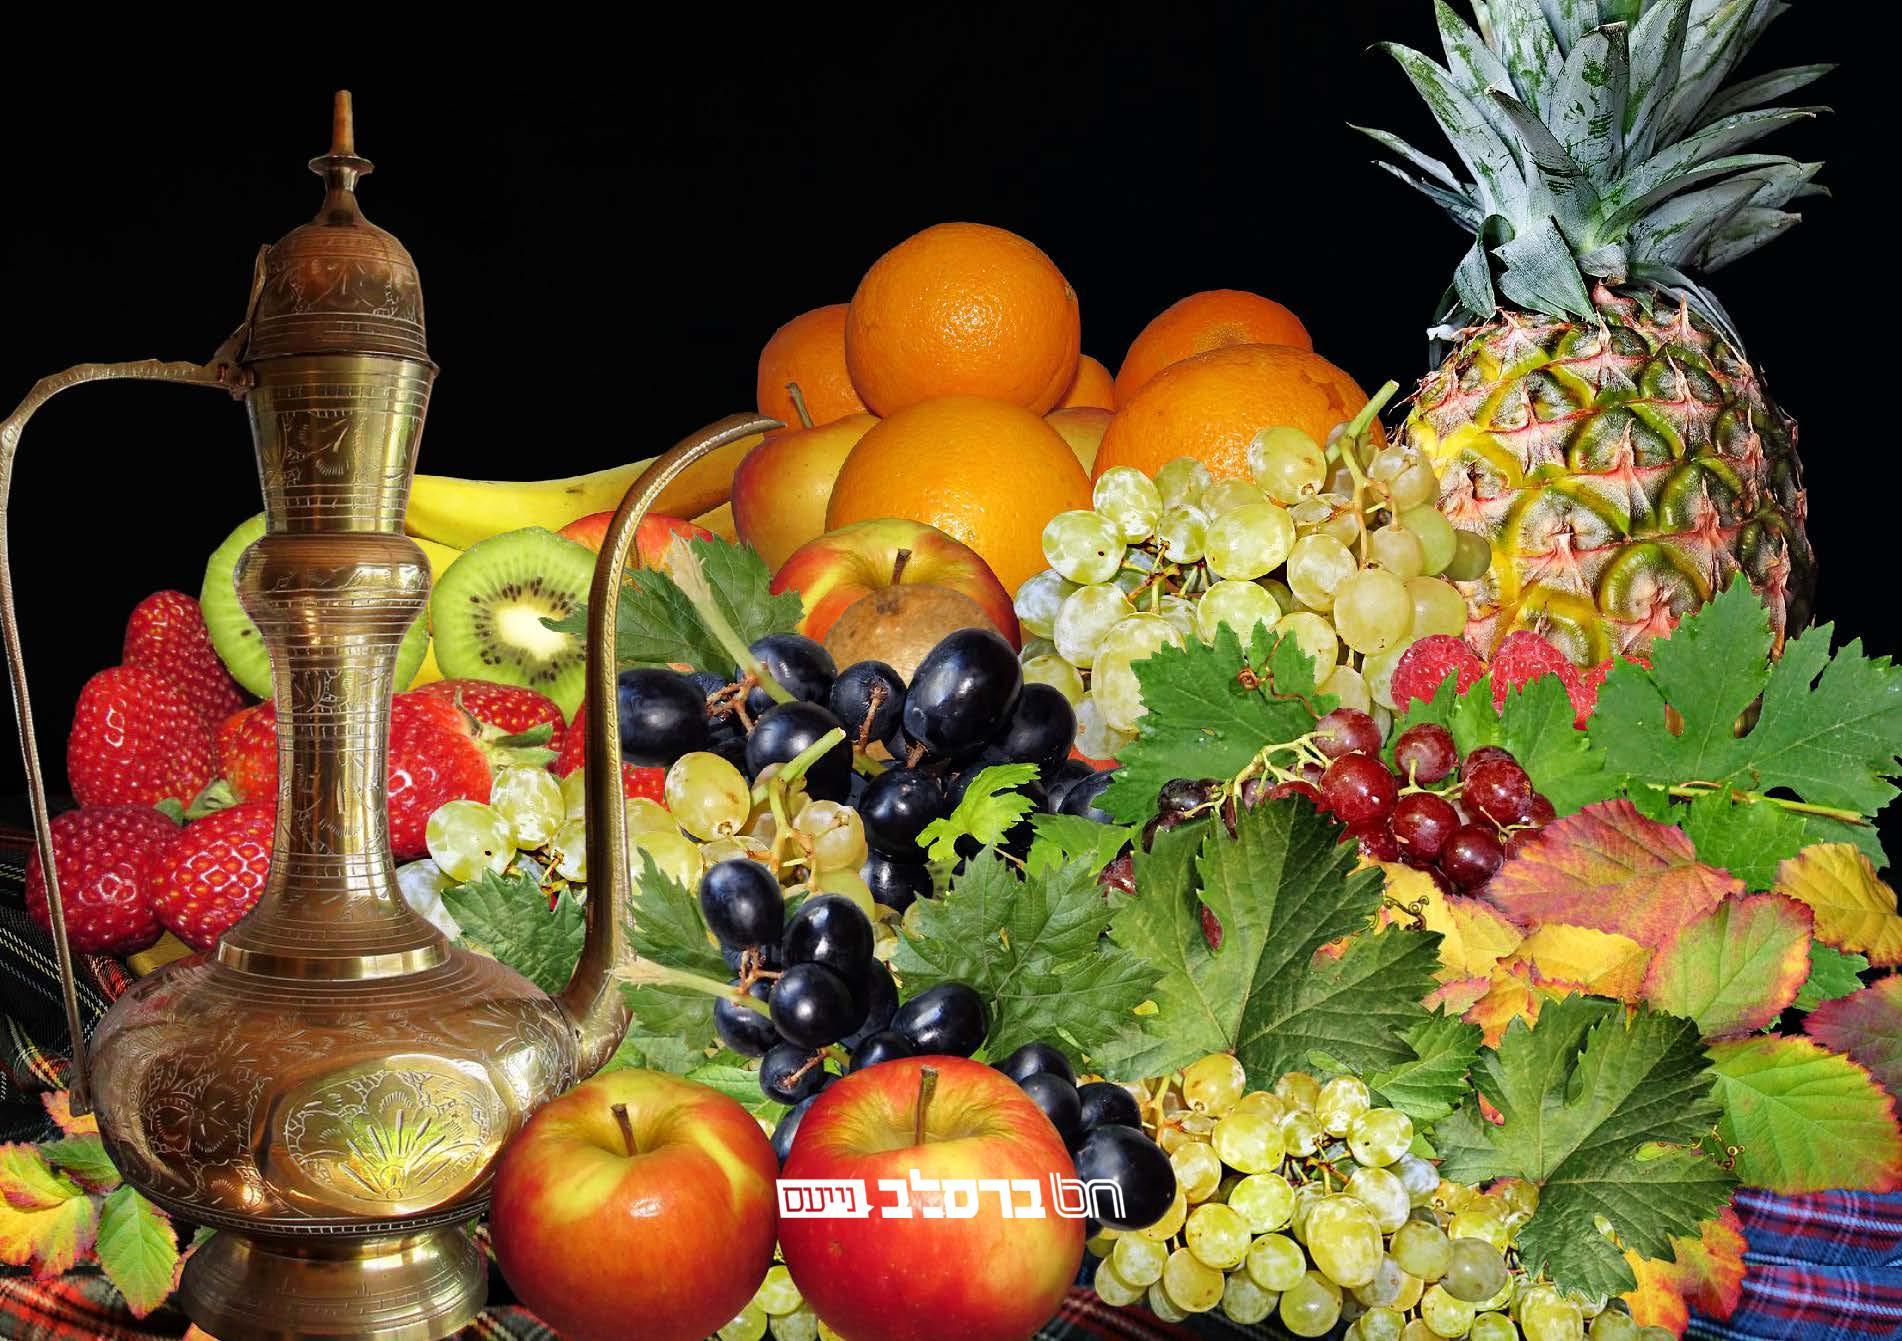 חֲמִשָה עָשָר בִשְבָט • ראש השנה לאילנות בתורת ברסלב